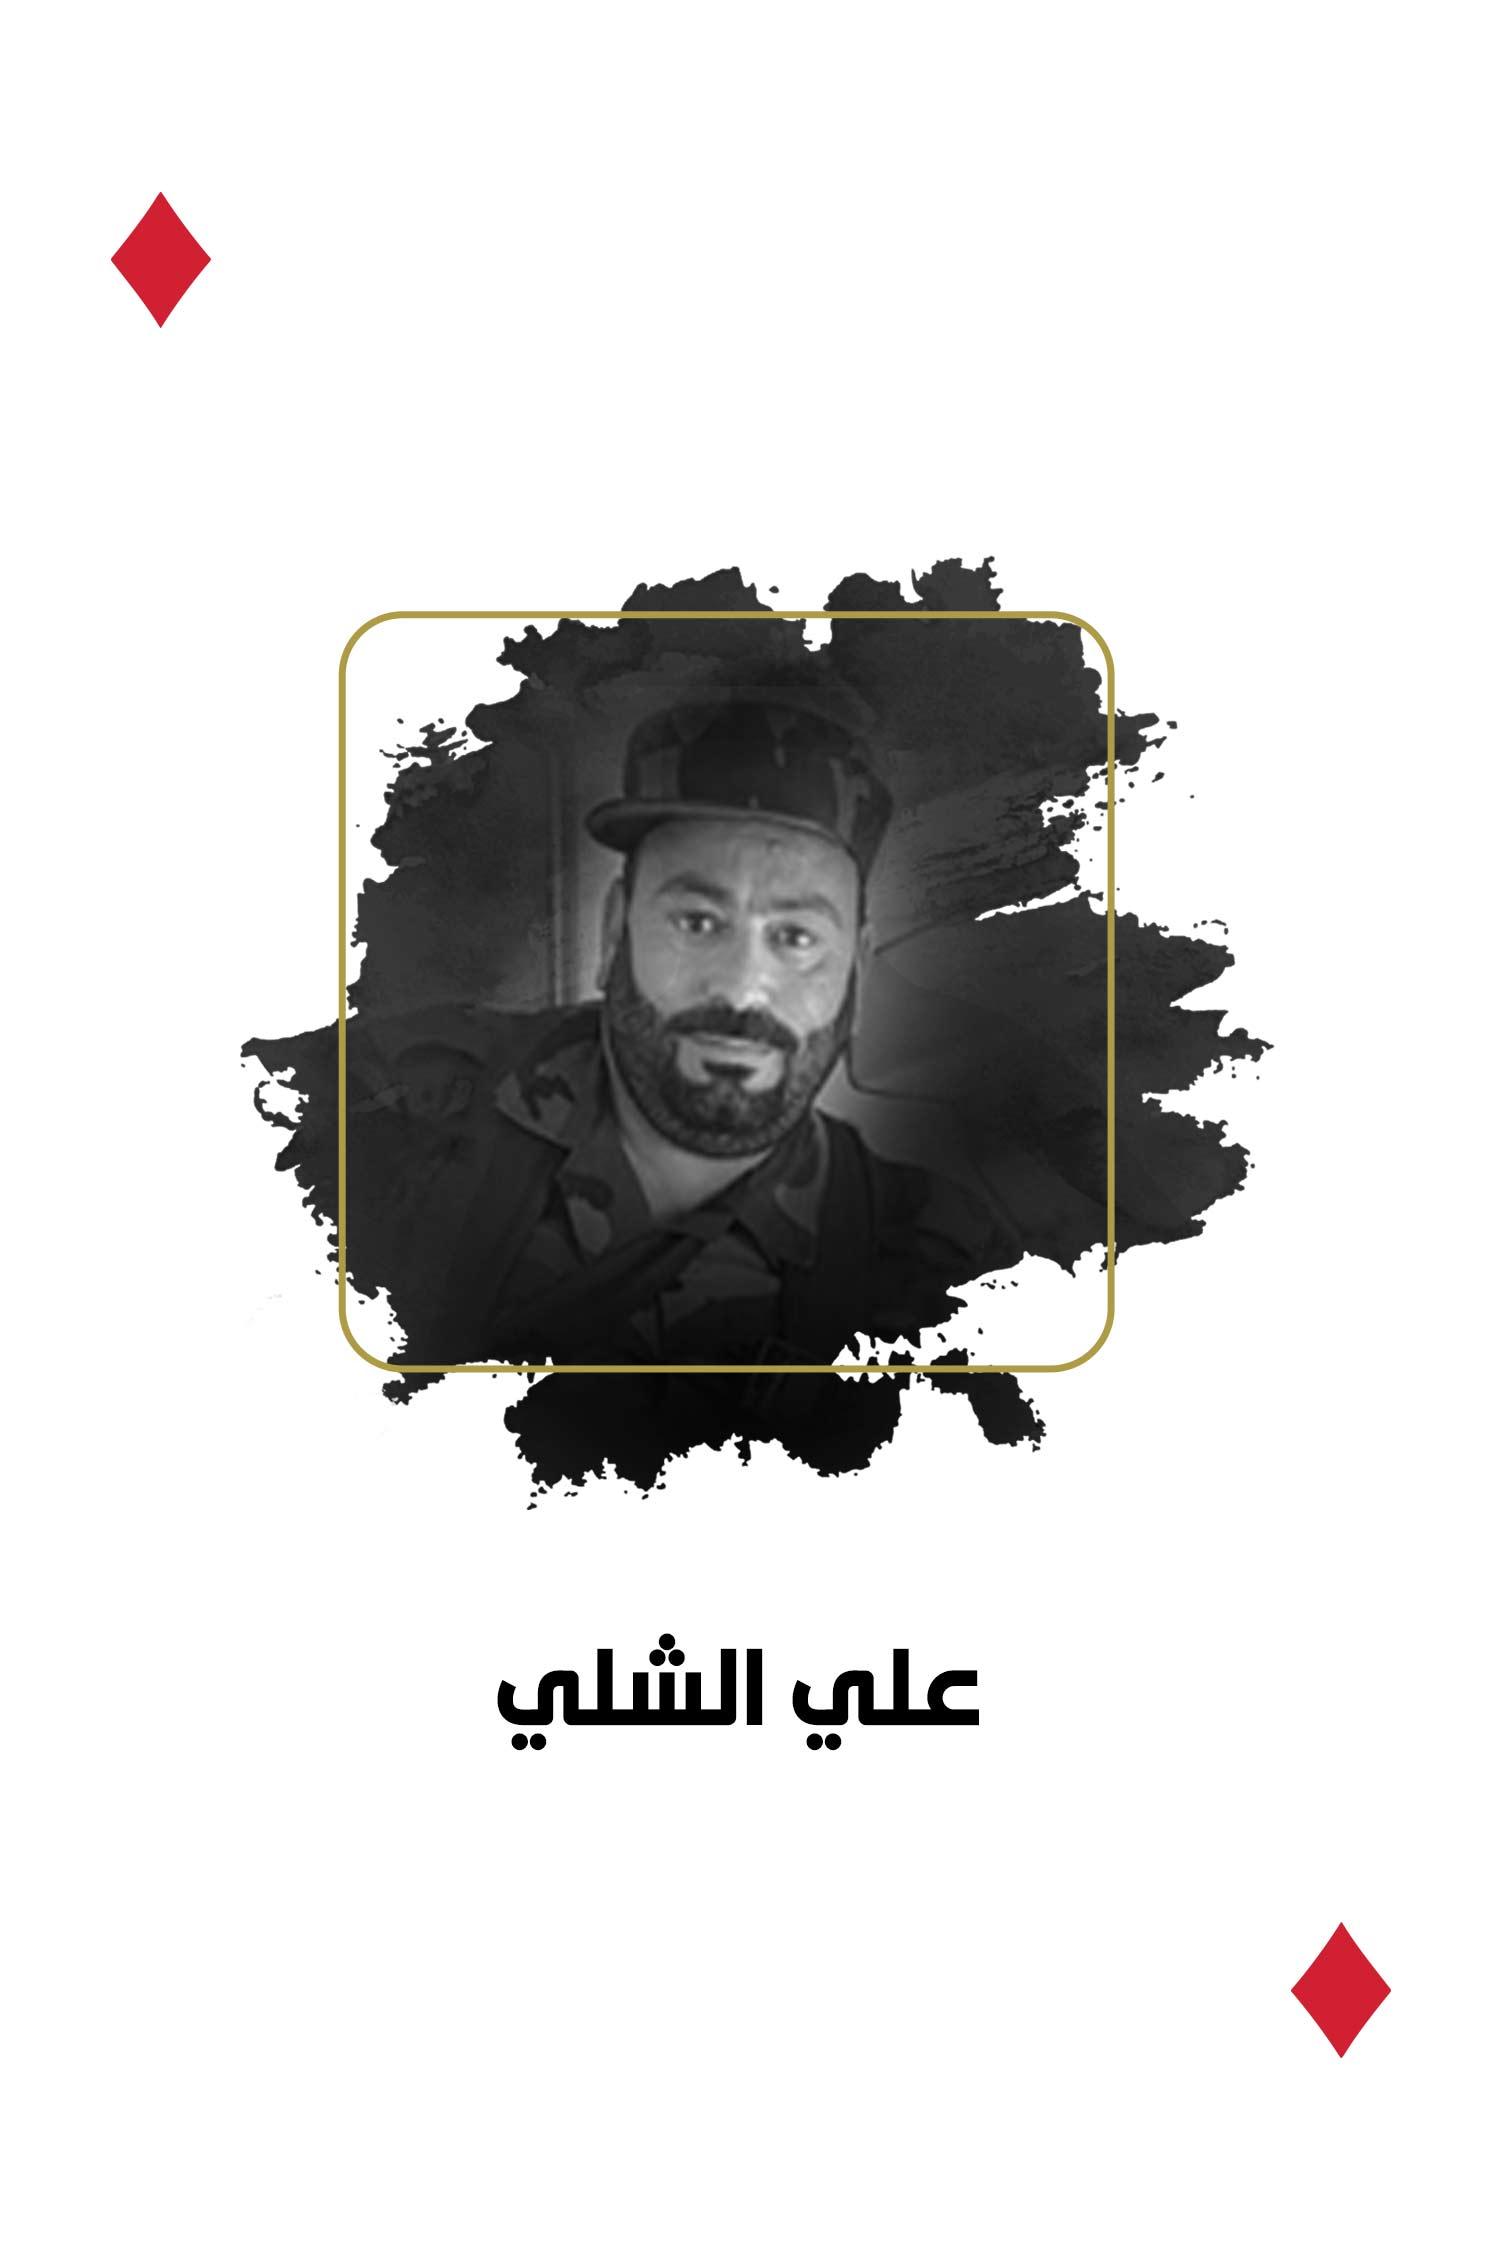 مع العدالة - الشبيح علي الشلي